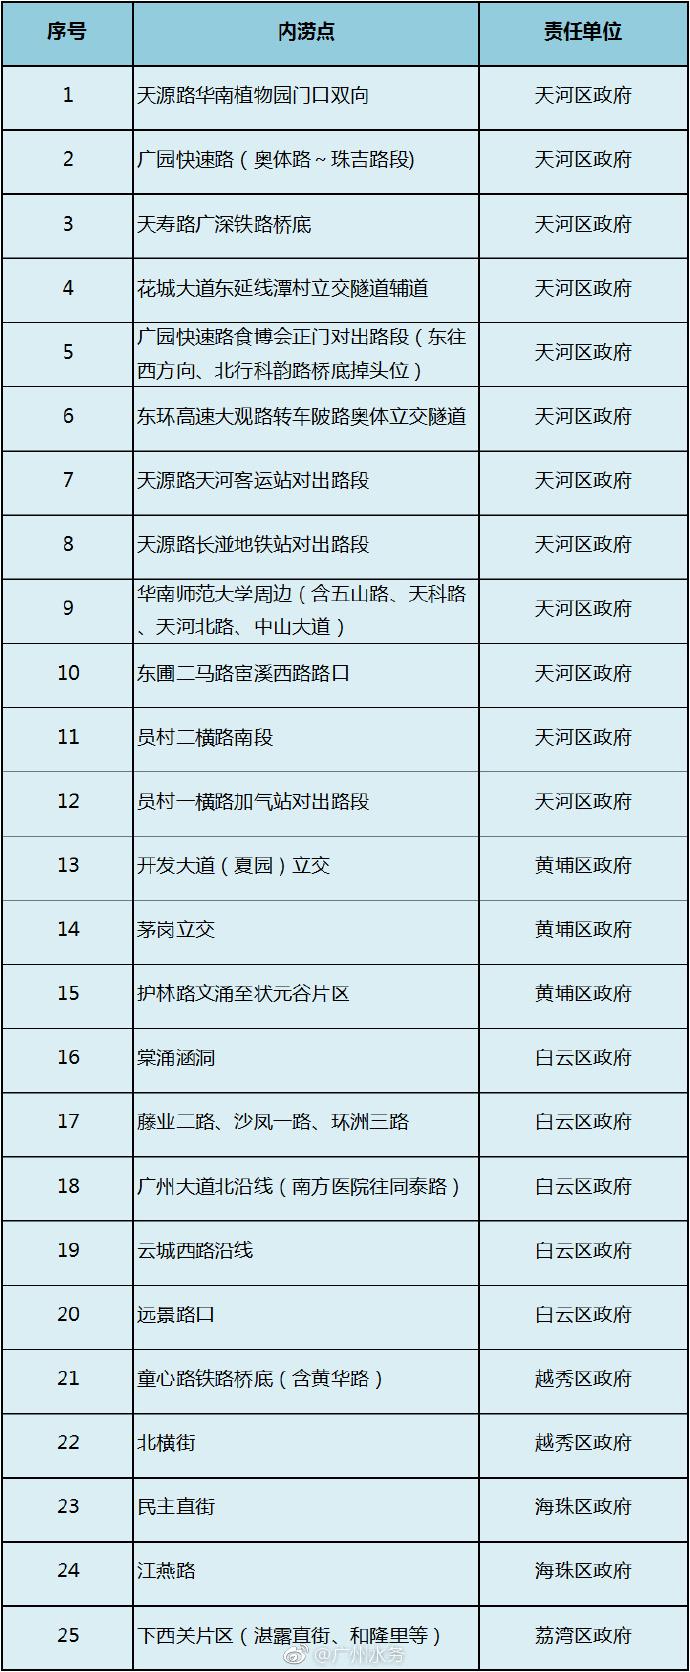 2017年广州全市47个易涝点一览